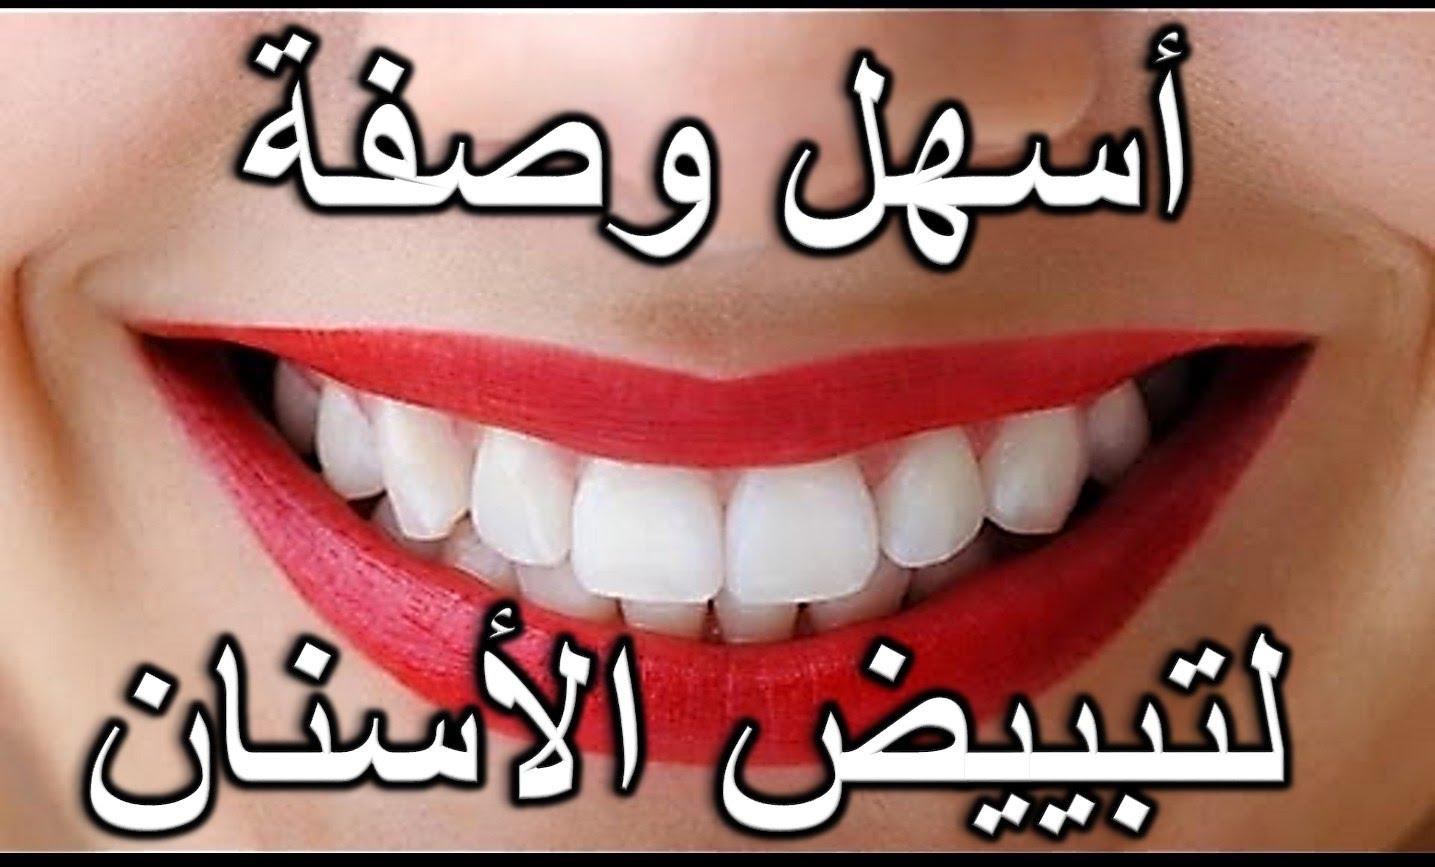 بالصور كيفية تبييض الاسنان , شاهد بالفيديو ازالة رواسب الاسنان 2067